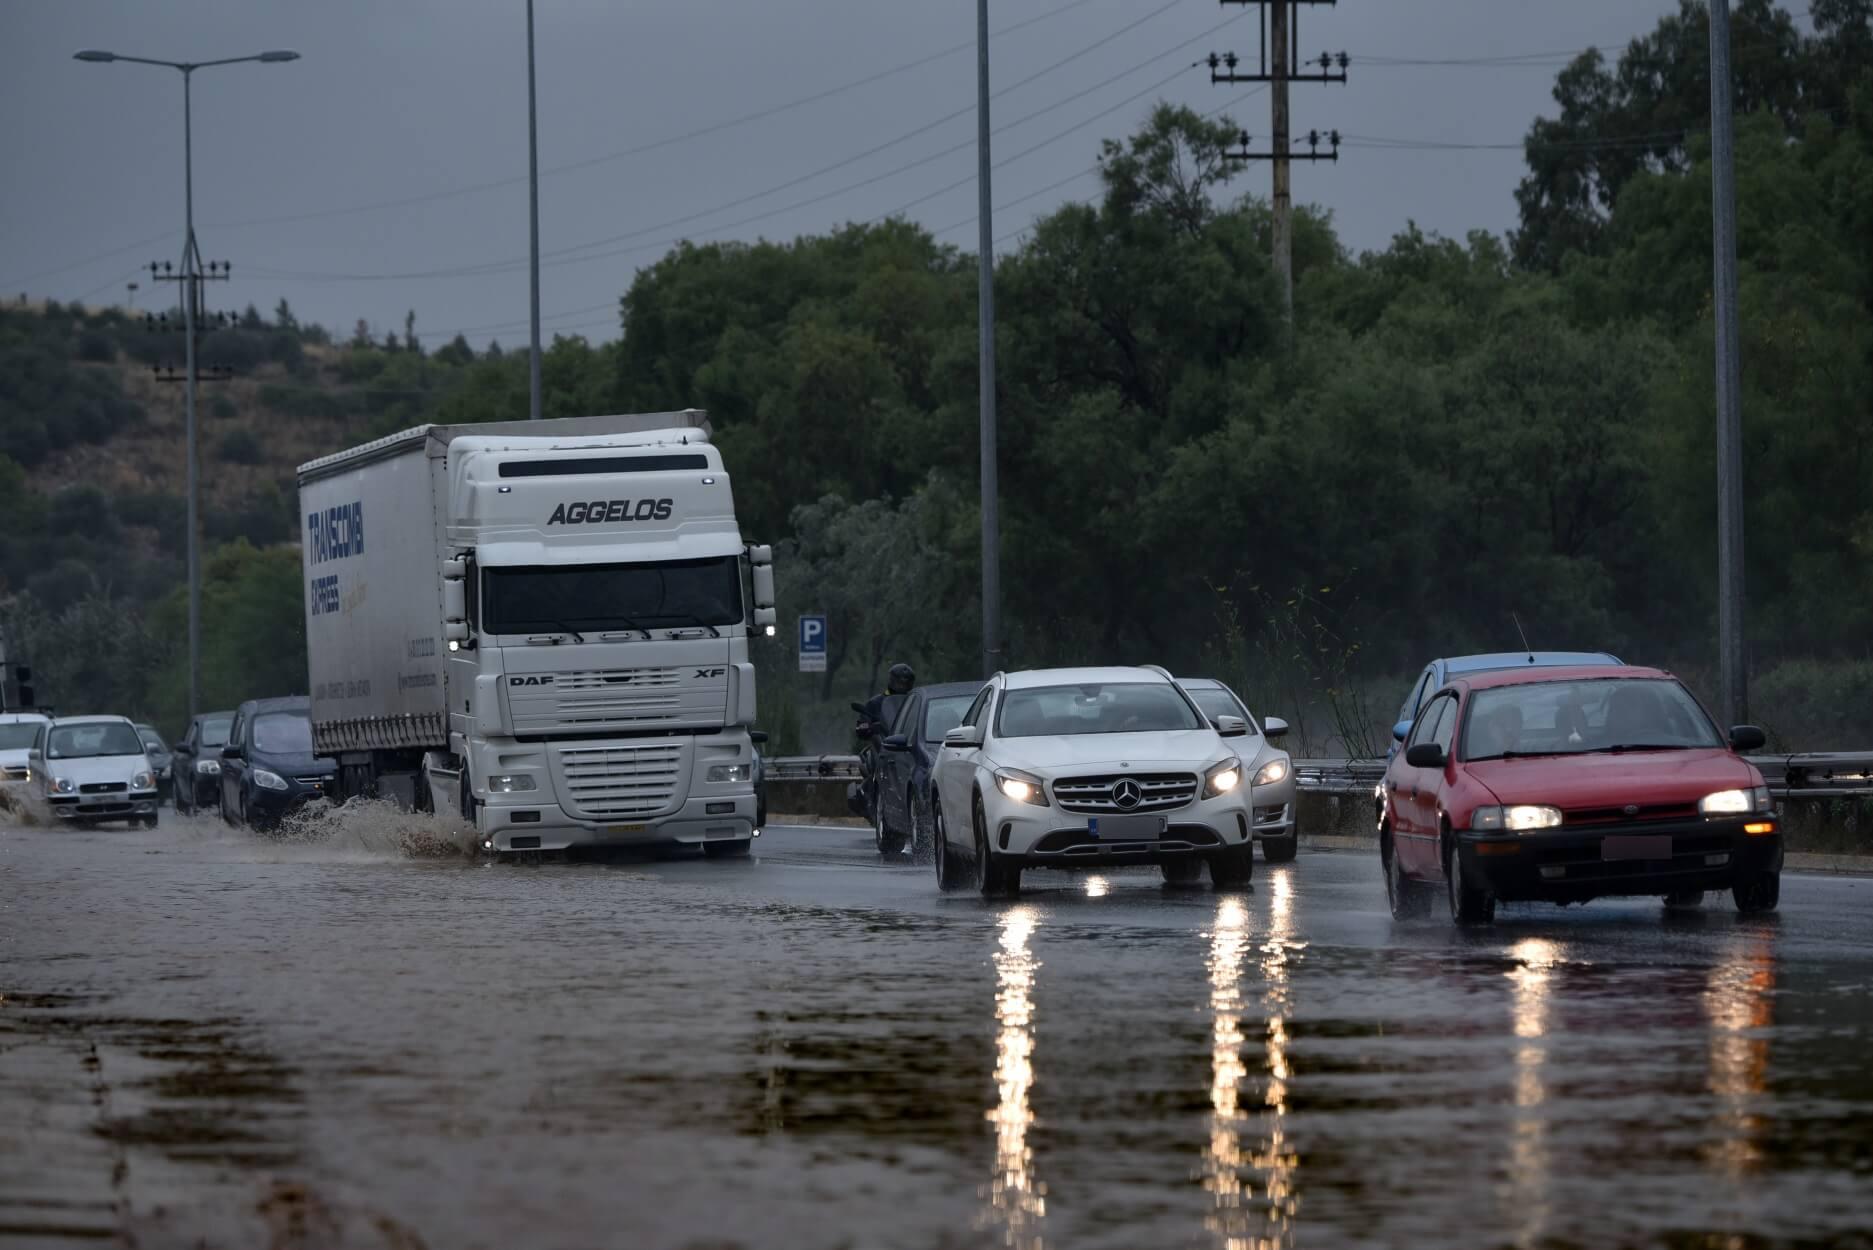 """Τα... """"τρελά"""" του συνεχίζει ο καιρός - Καταιγίδες θα ξεσπάσουν στην ηπειρωτική Ελλάδα και την Κρήτη!"""